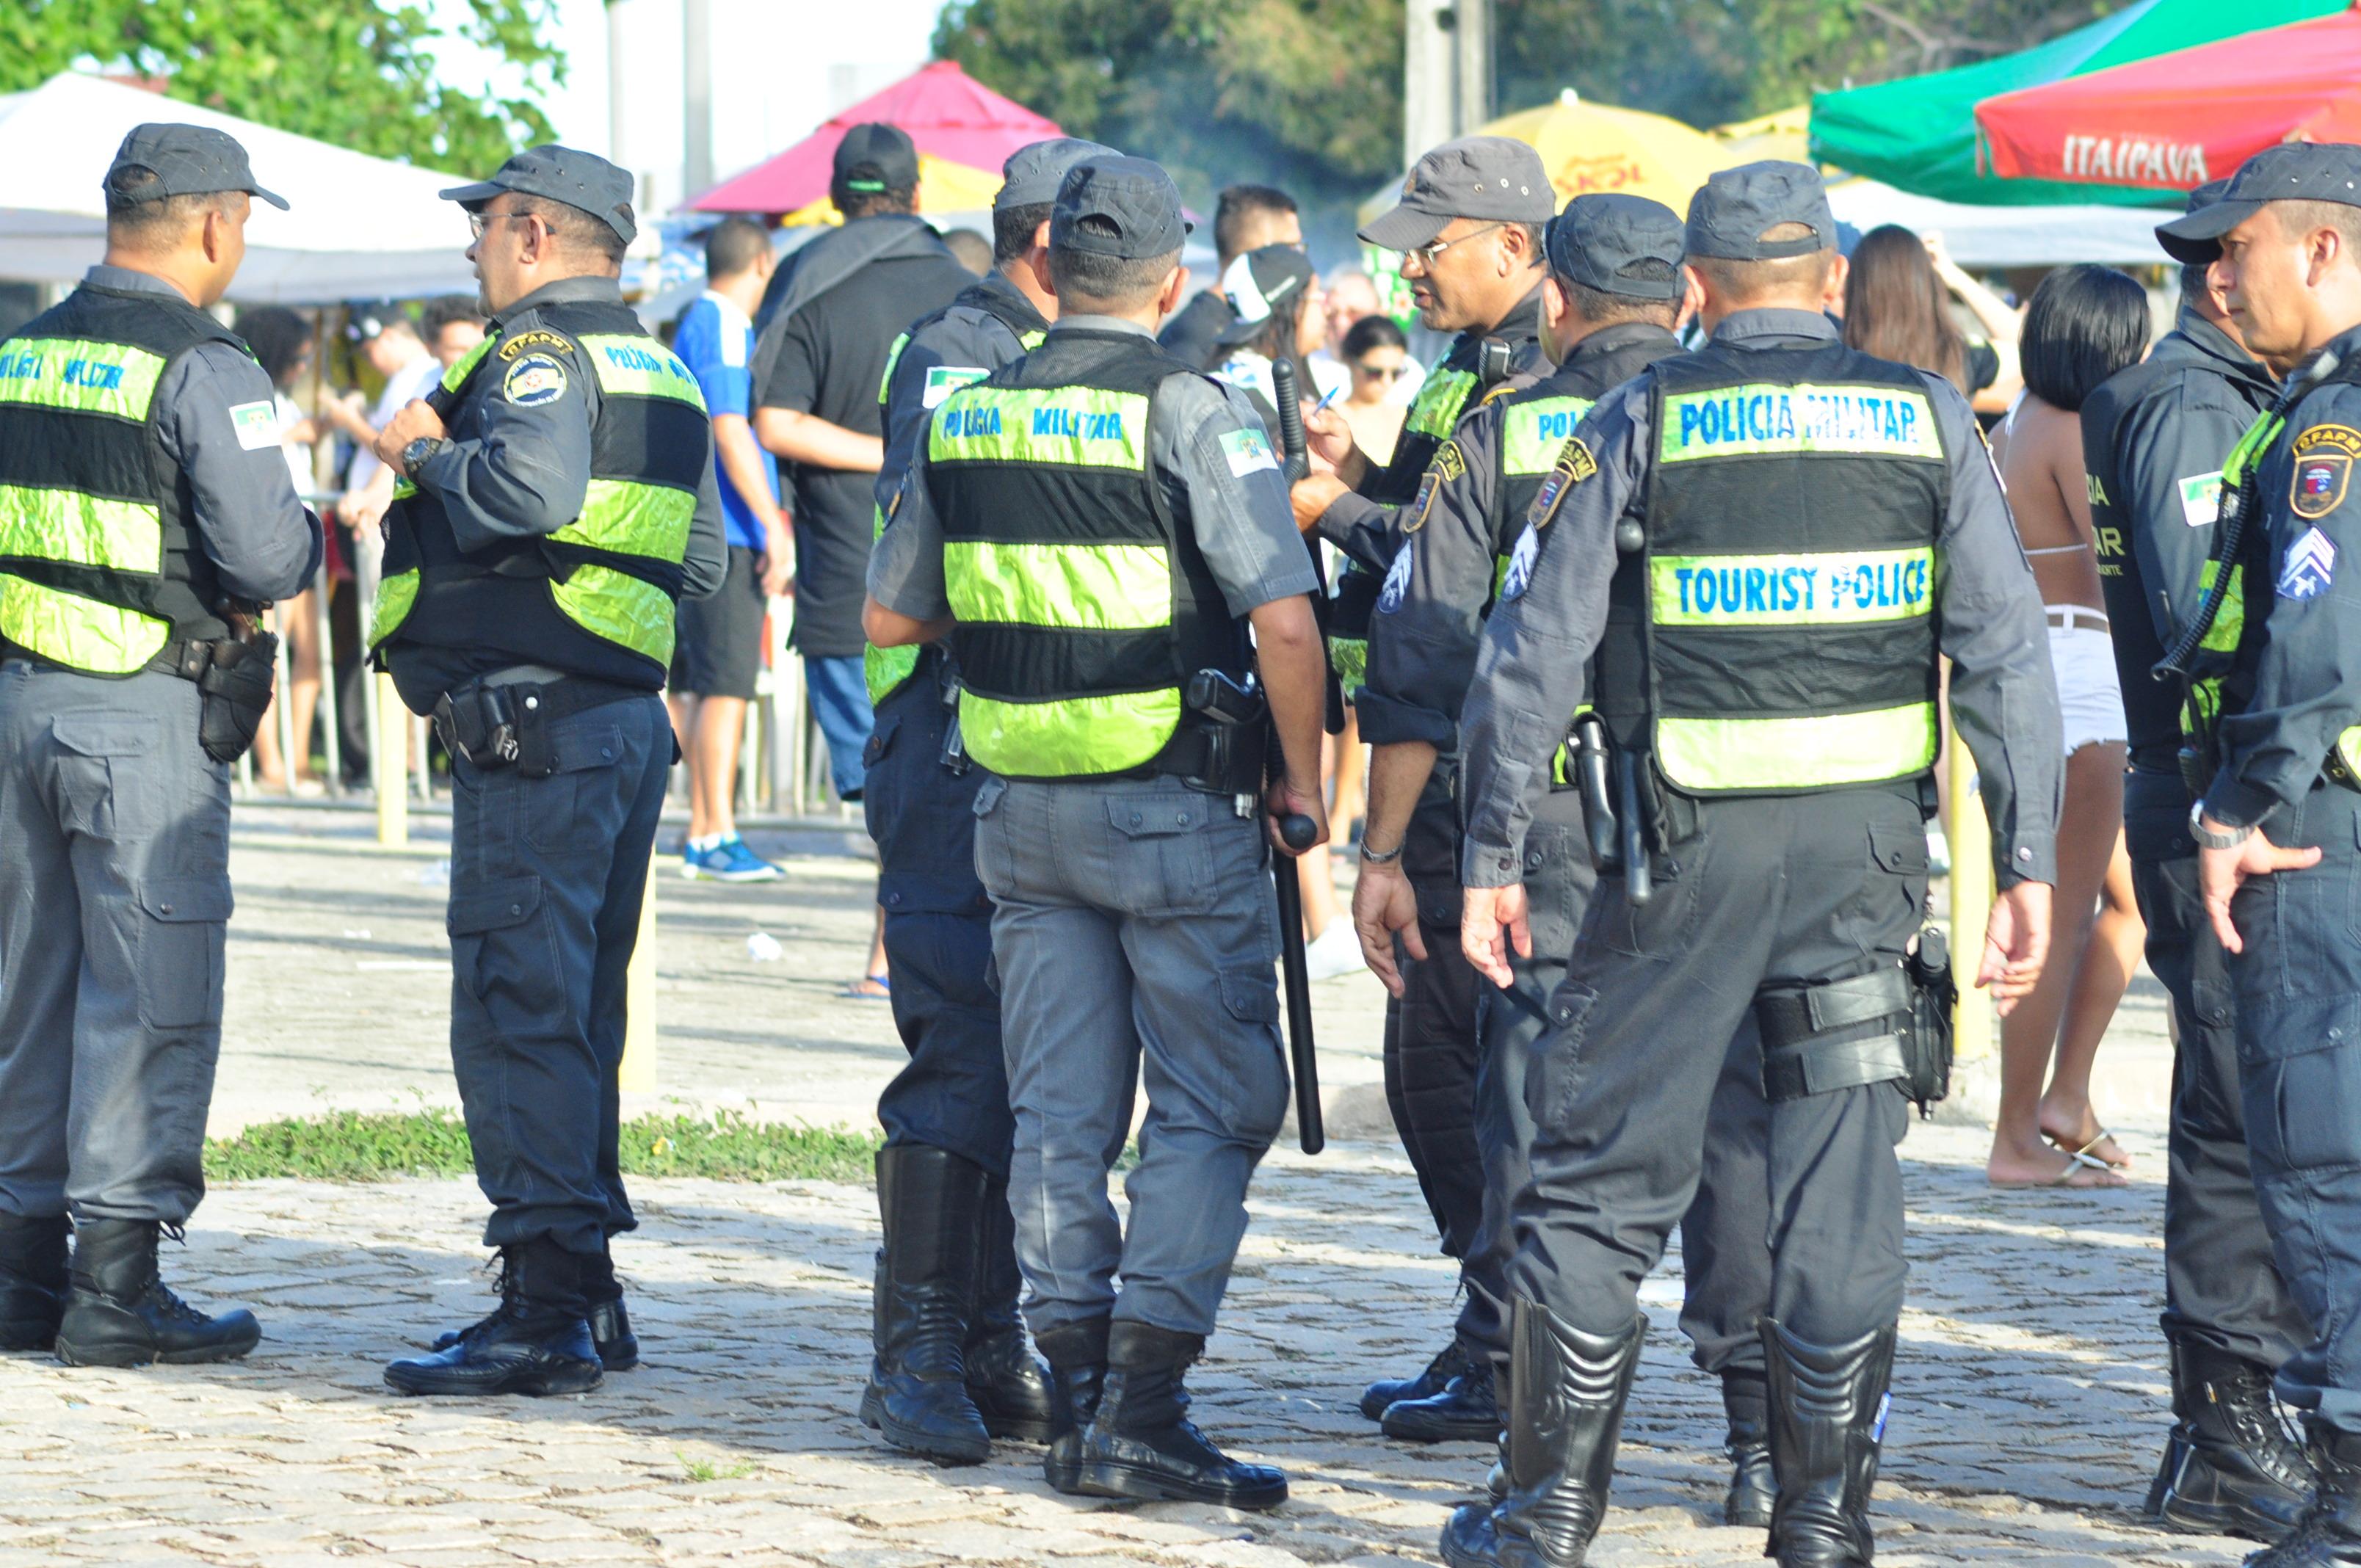 Policia Militar RN 4